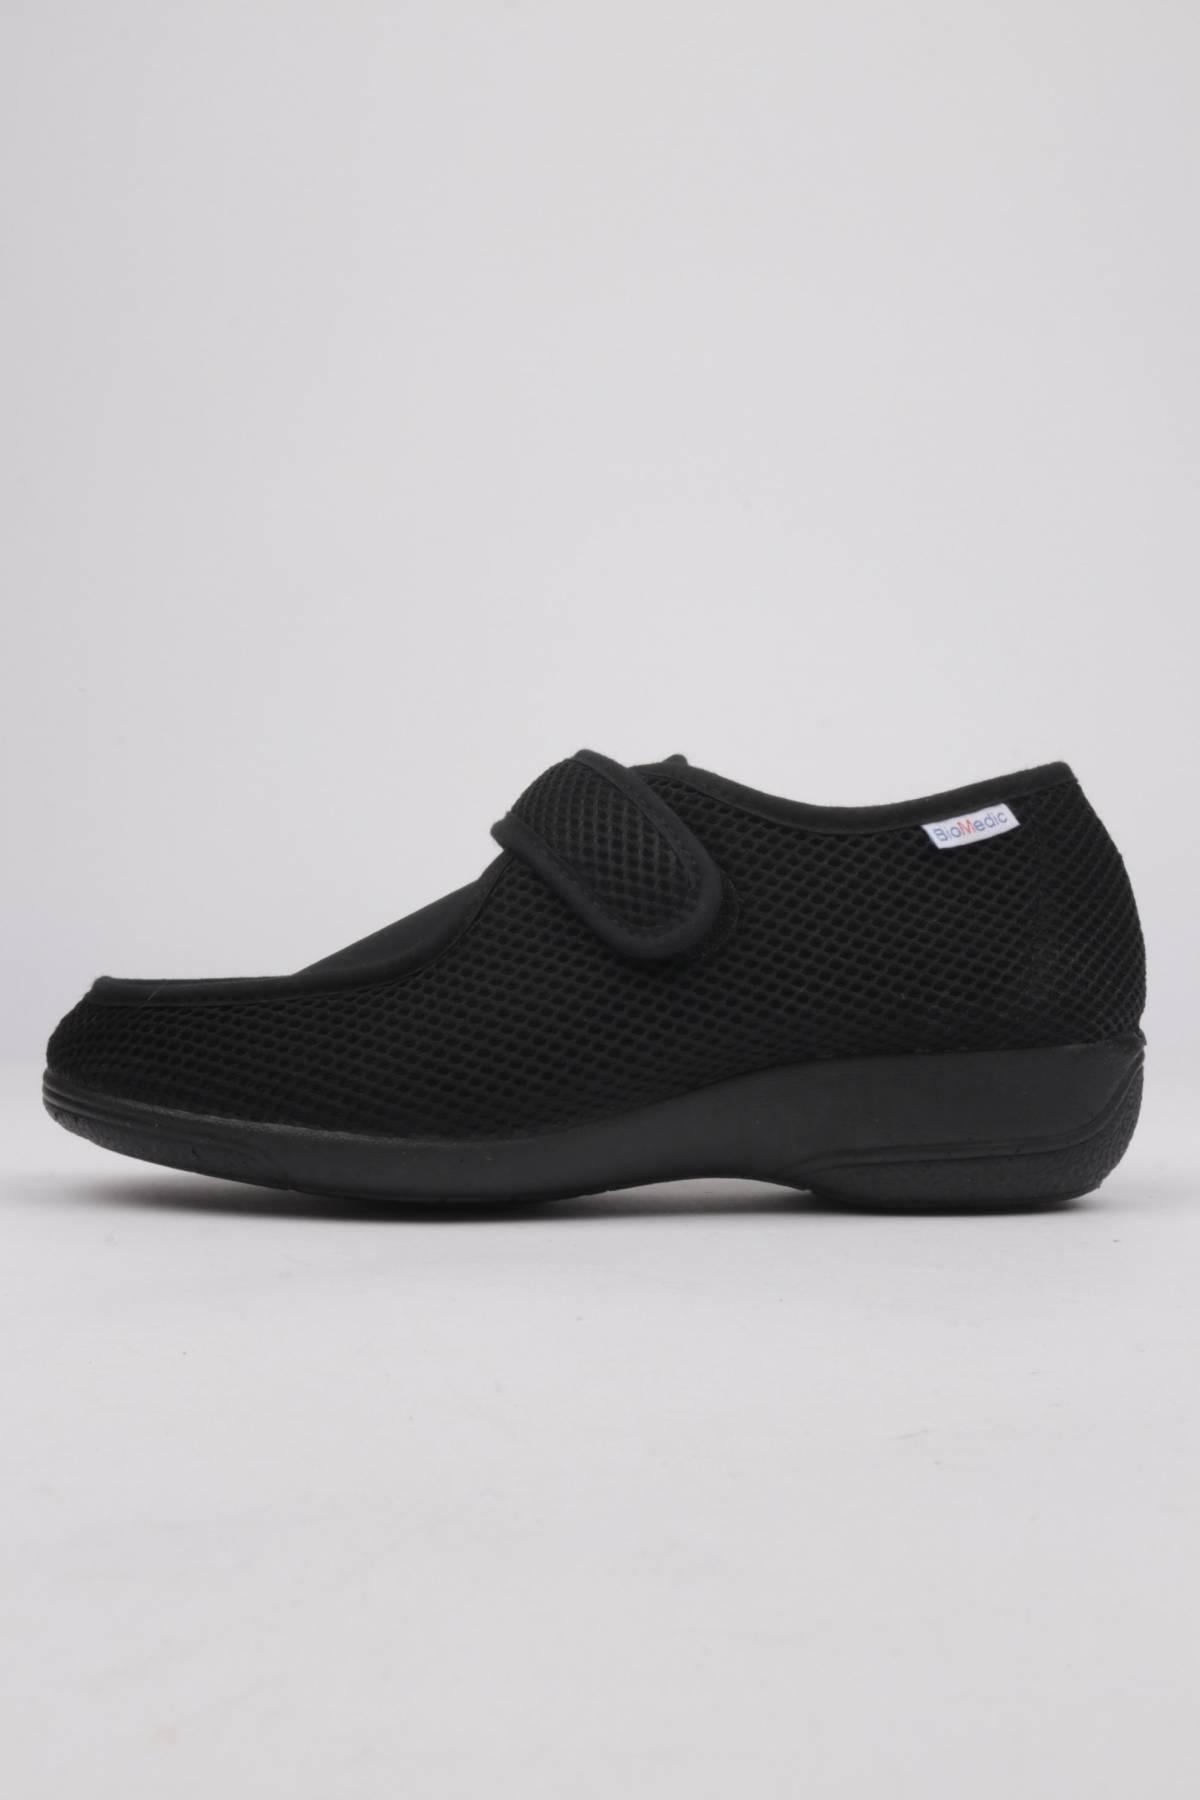 Zapatillas ancho especial tejido regilla negro